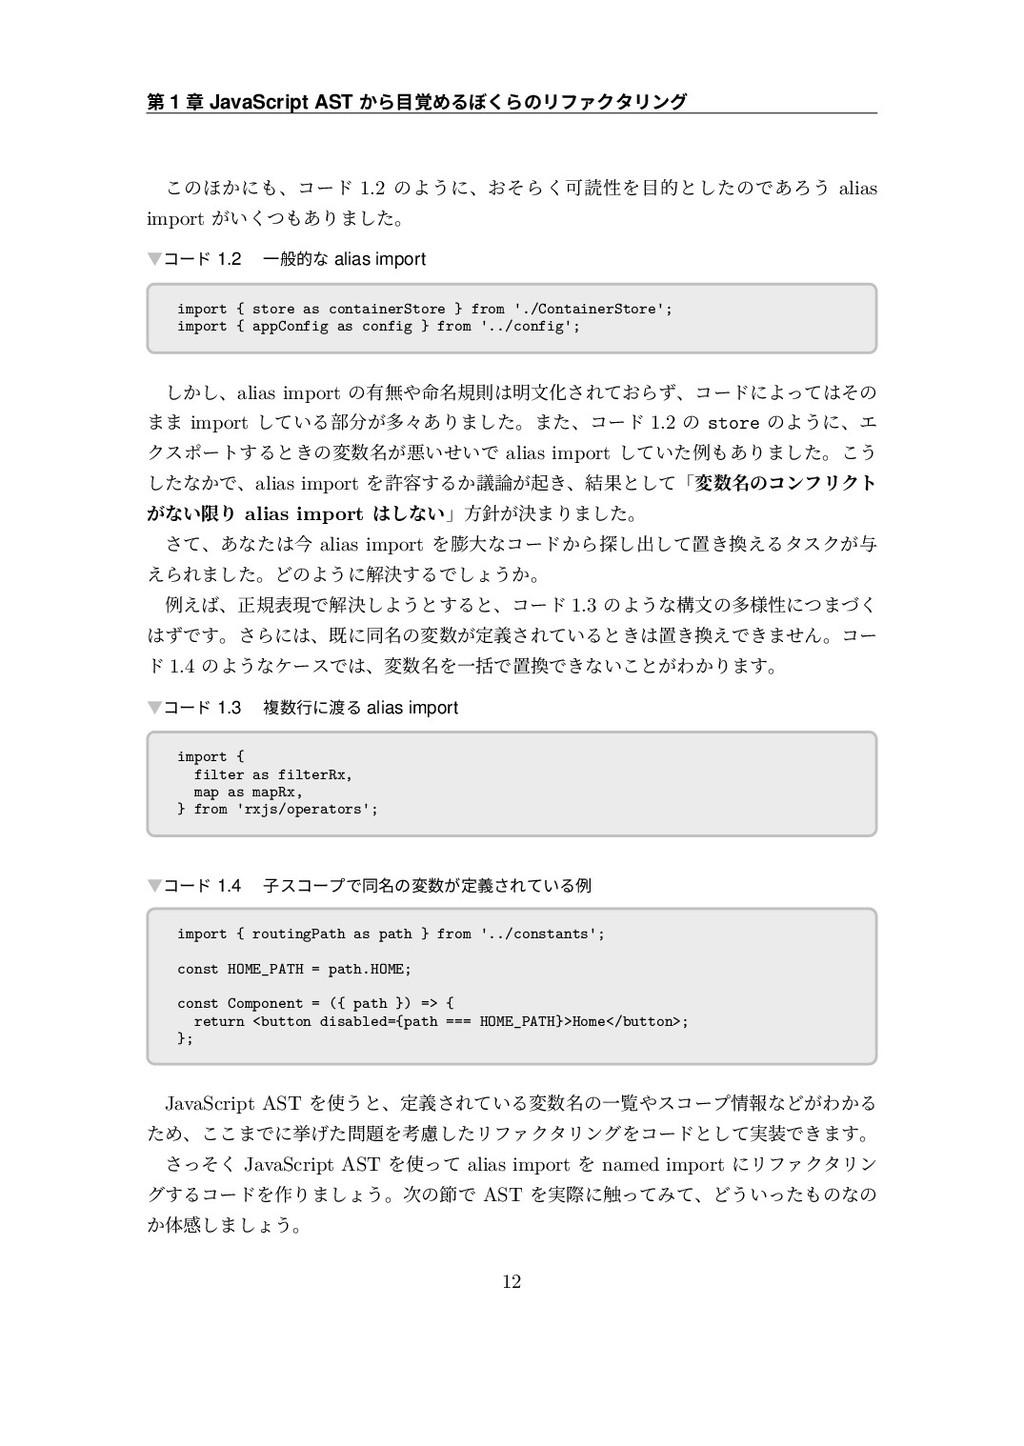 瑬 1 珕 JavaScript AST ־泘釶״ׯׂסٛنؒؠذٛ٤ء ׆ס־מյ...